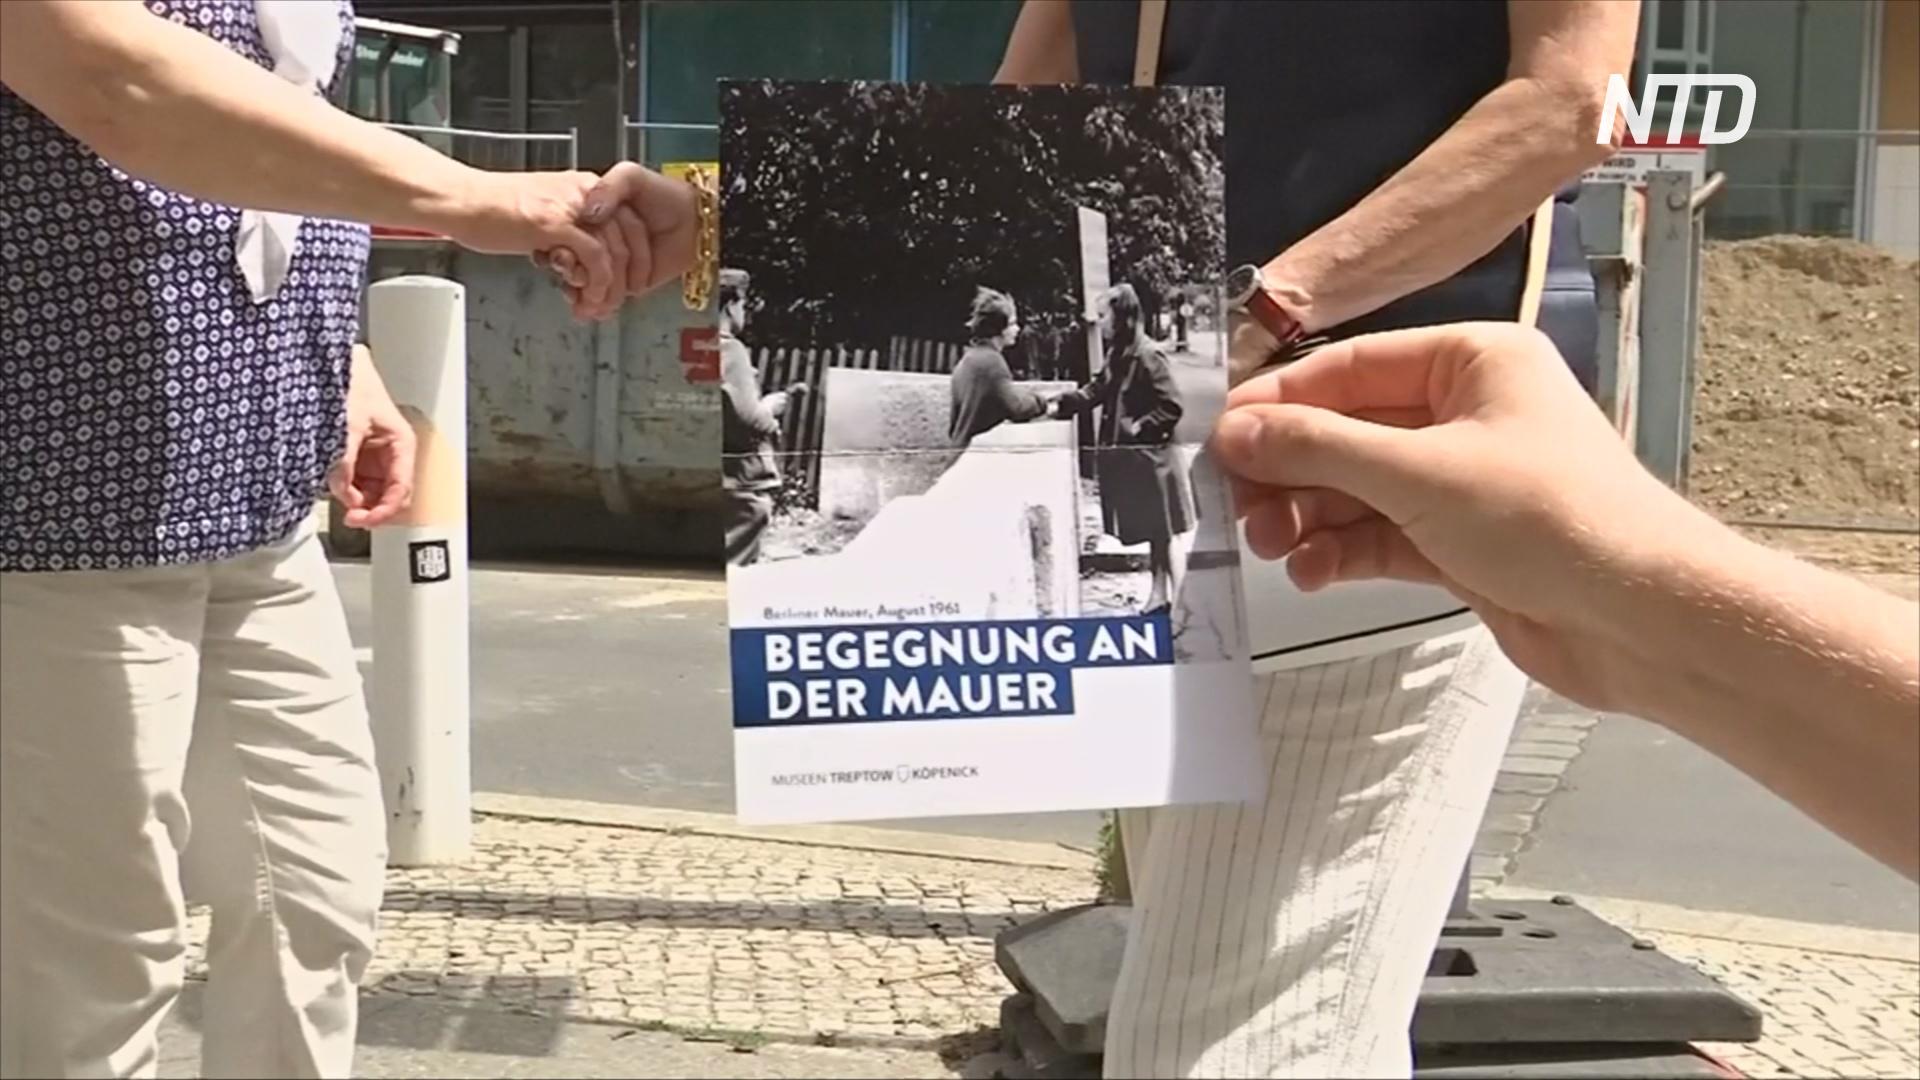 Подруги детства, разделённые Берлинской стеной, снова вместе спустя 58 лет